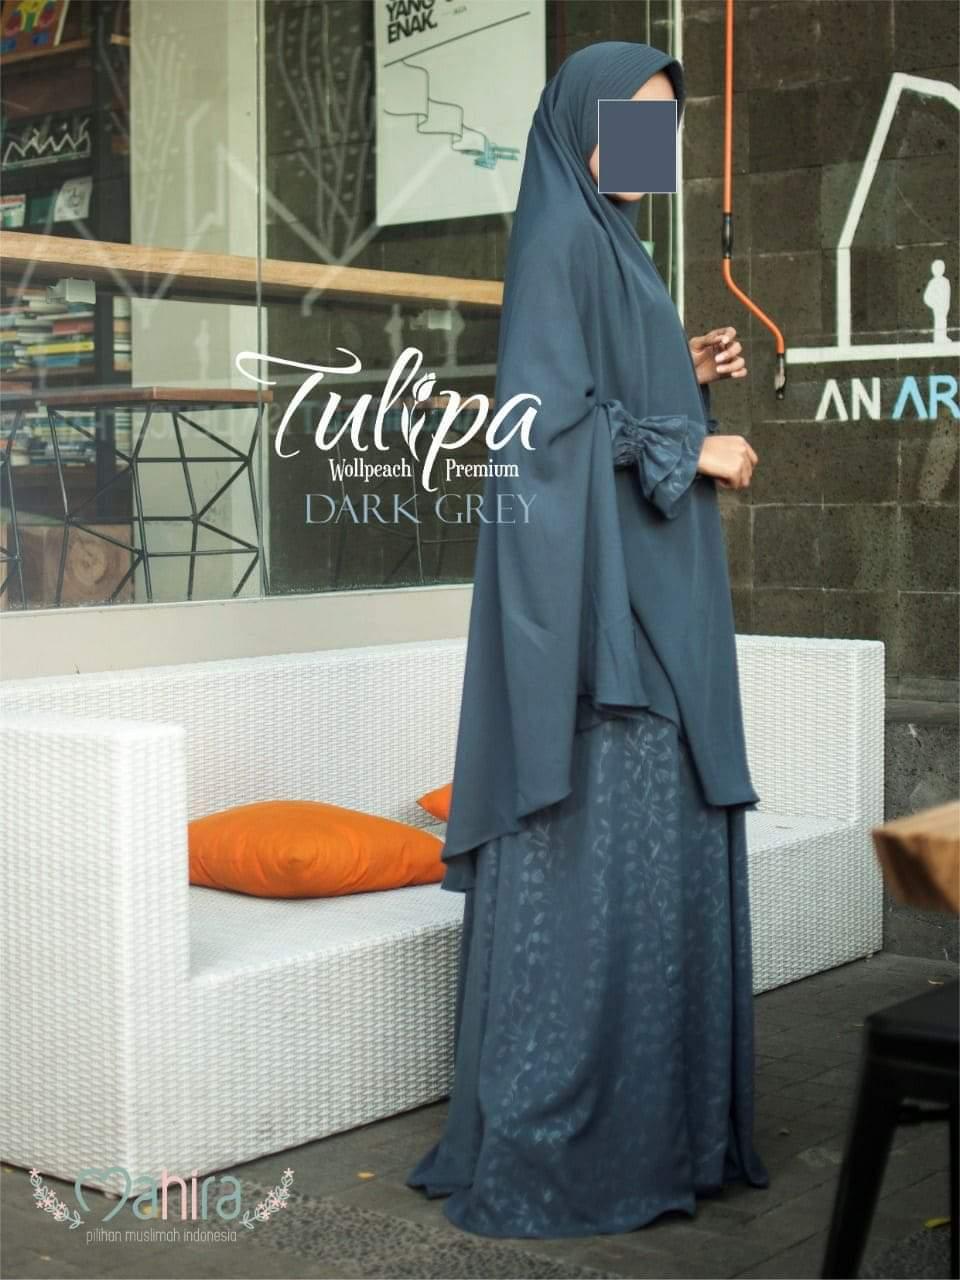 Mahira Tulipa Wollpeach Premium Dark Grey